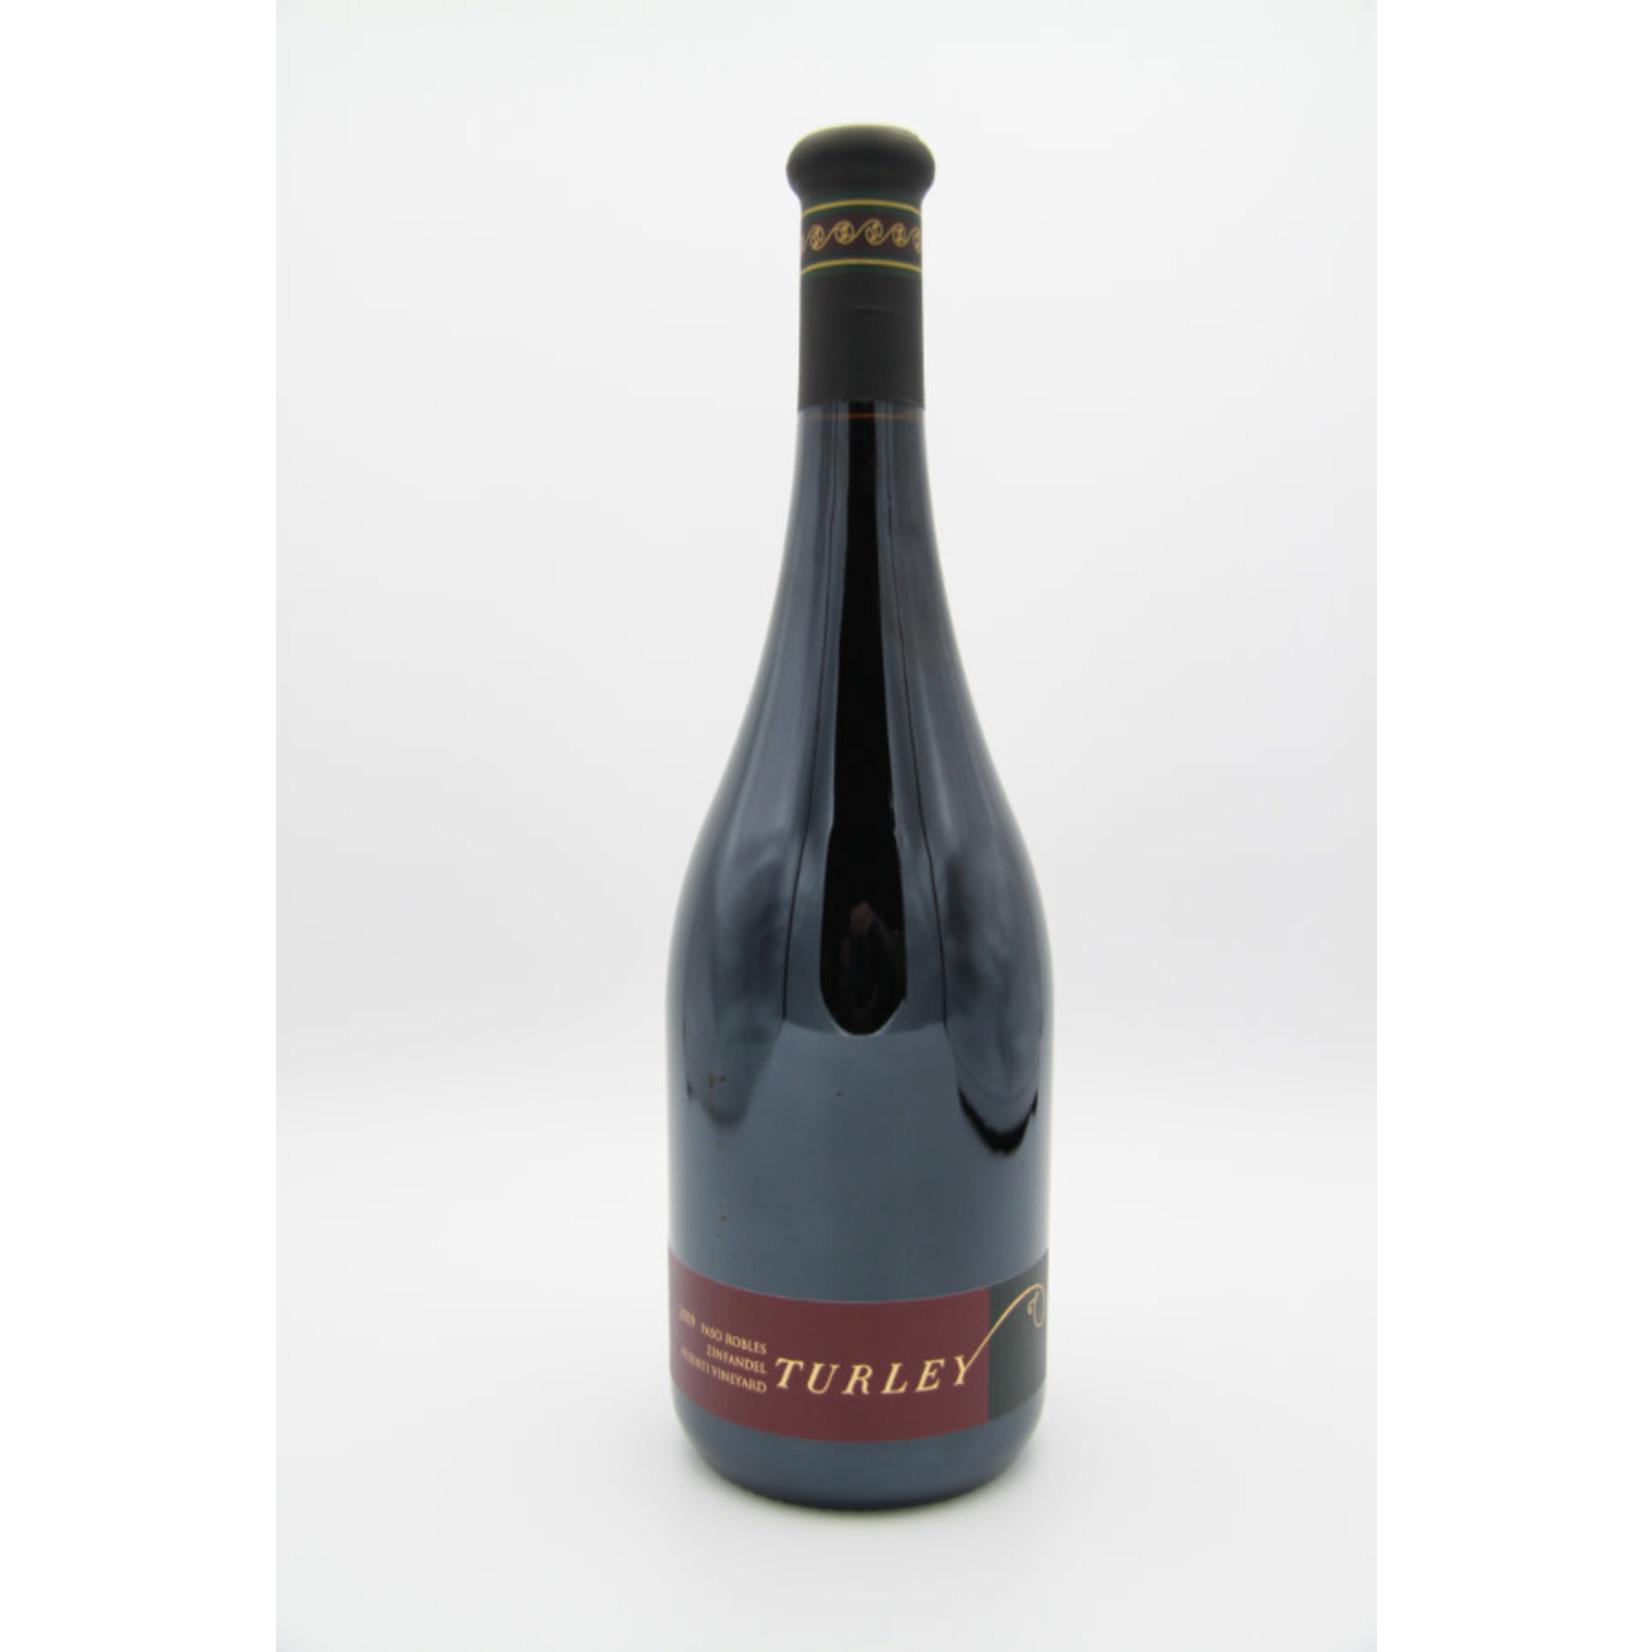 2019 Turley 'Pesenti Vineyard' Zinfandel